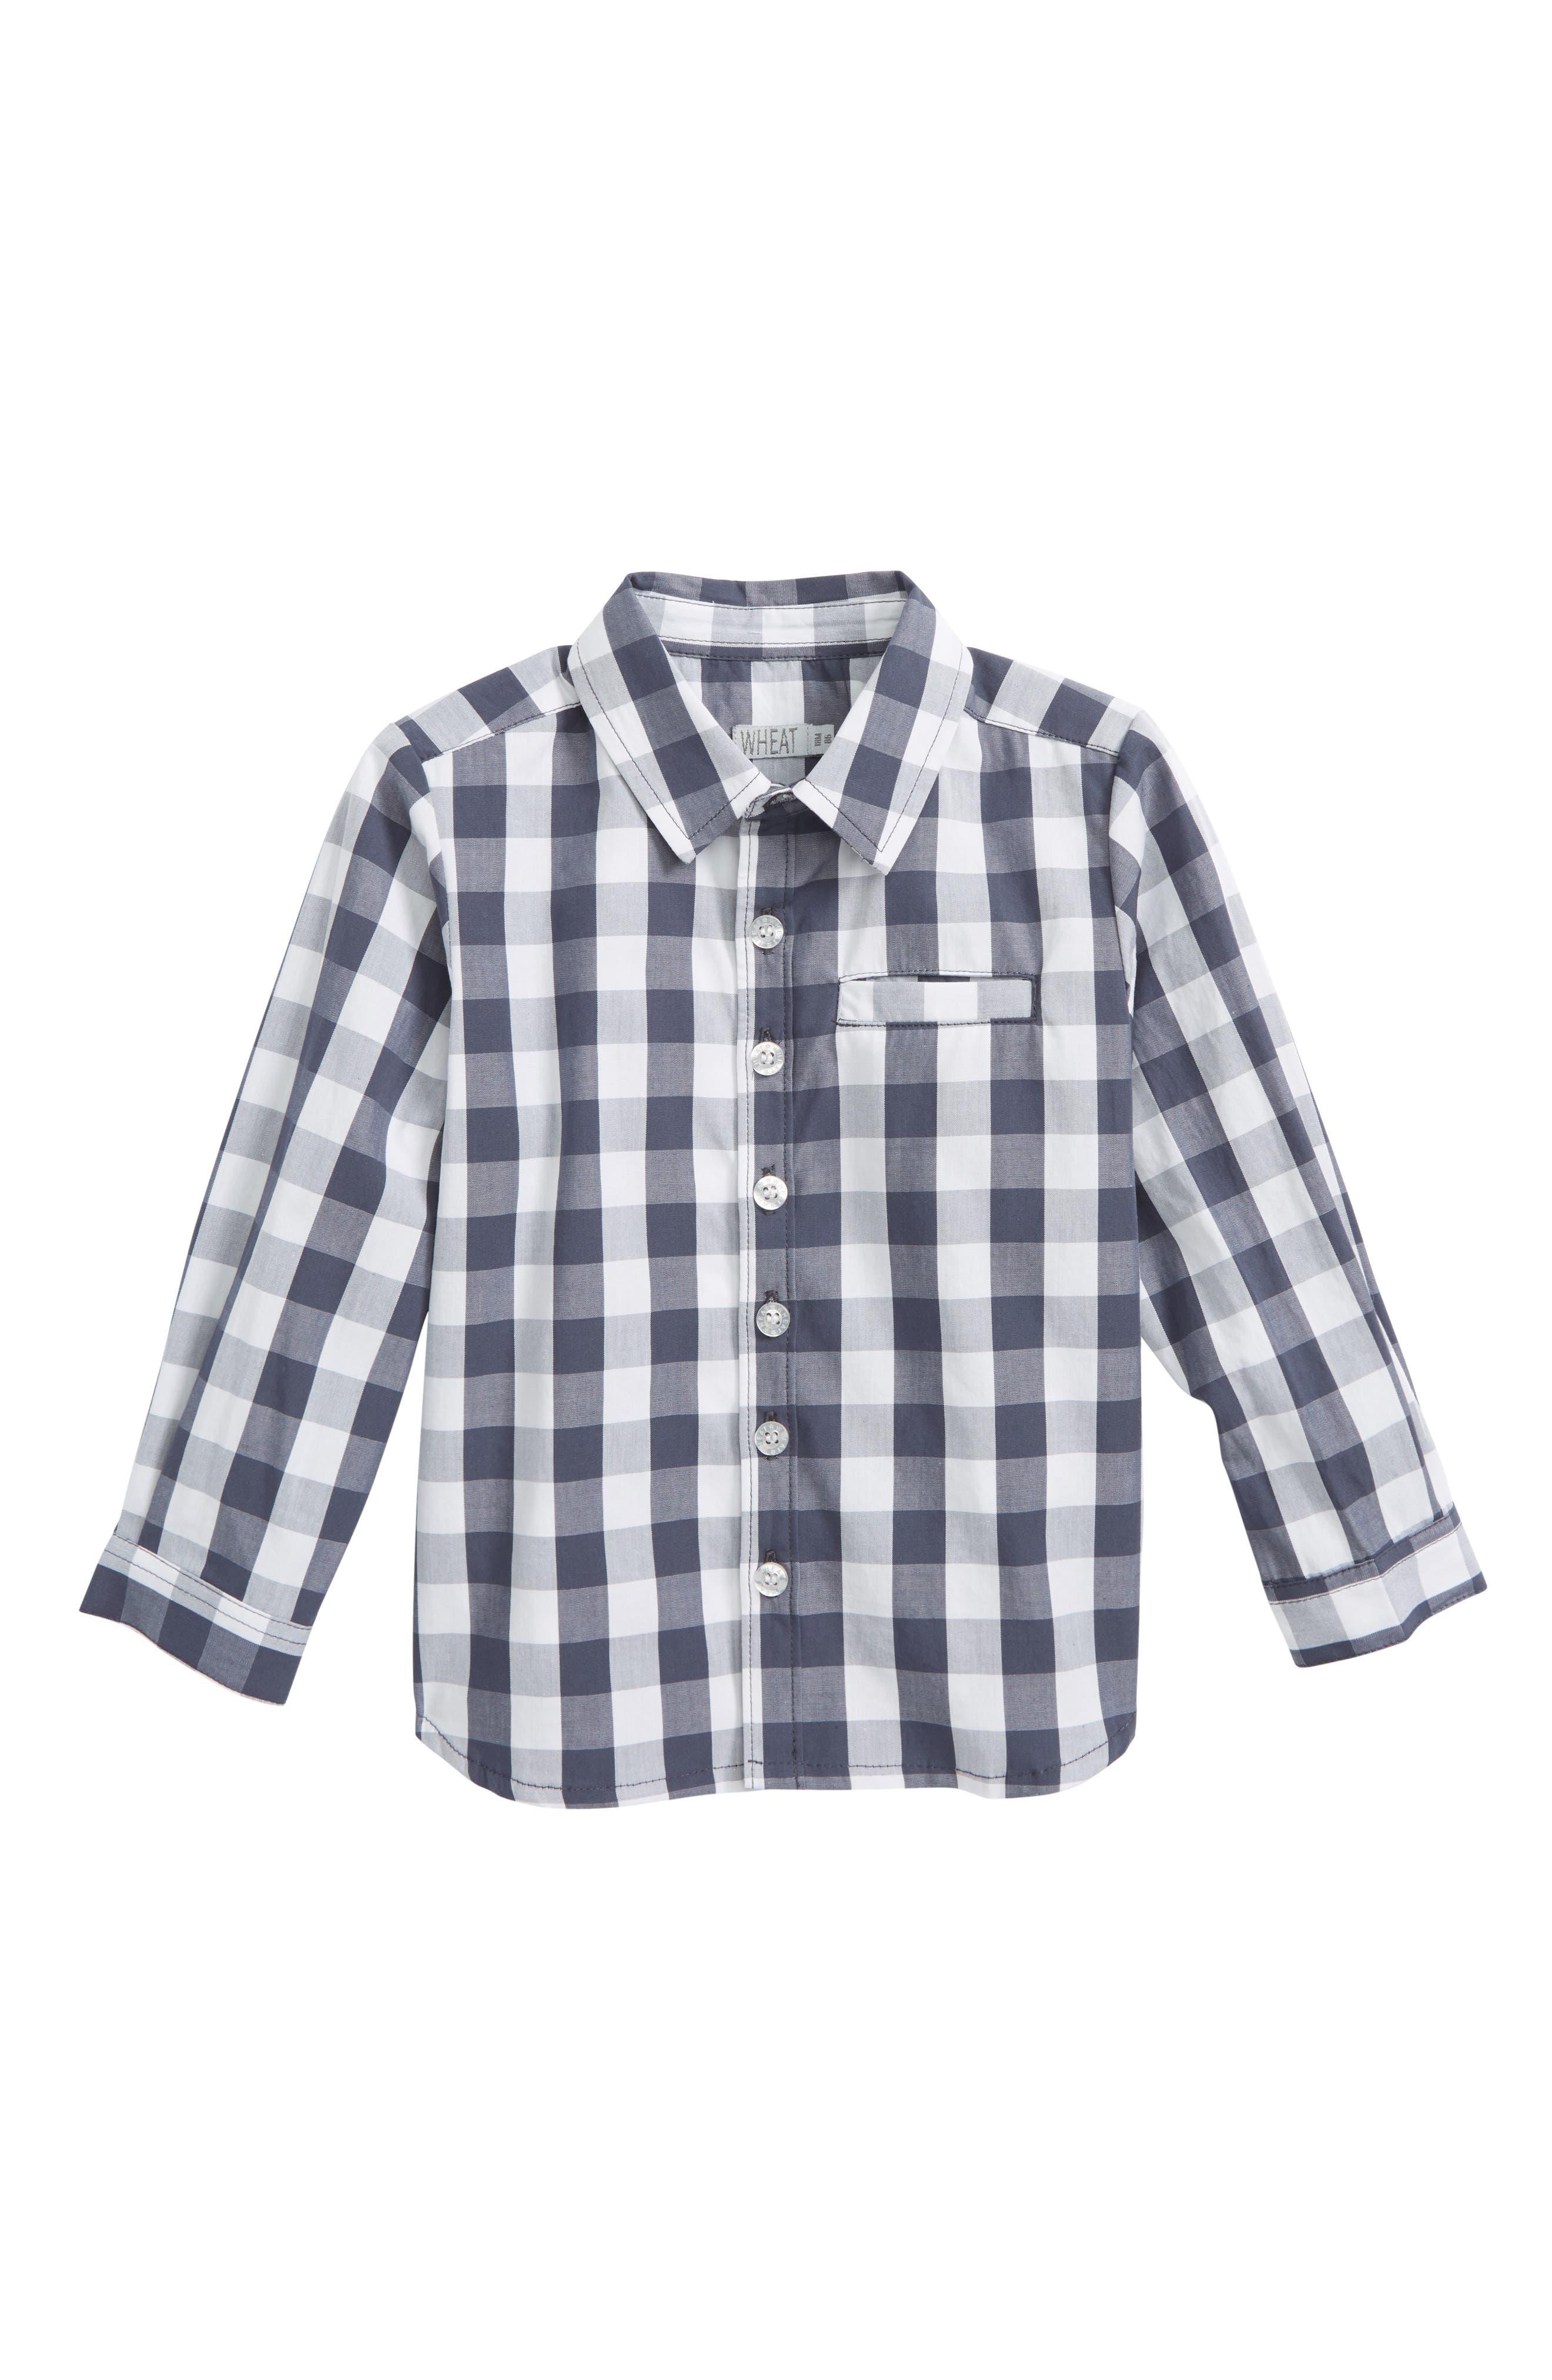 Ellias Check Shirt,                             Main thumbnail 1, color,                             Greyblue